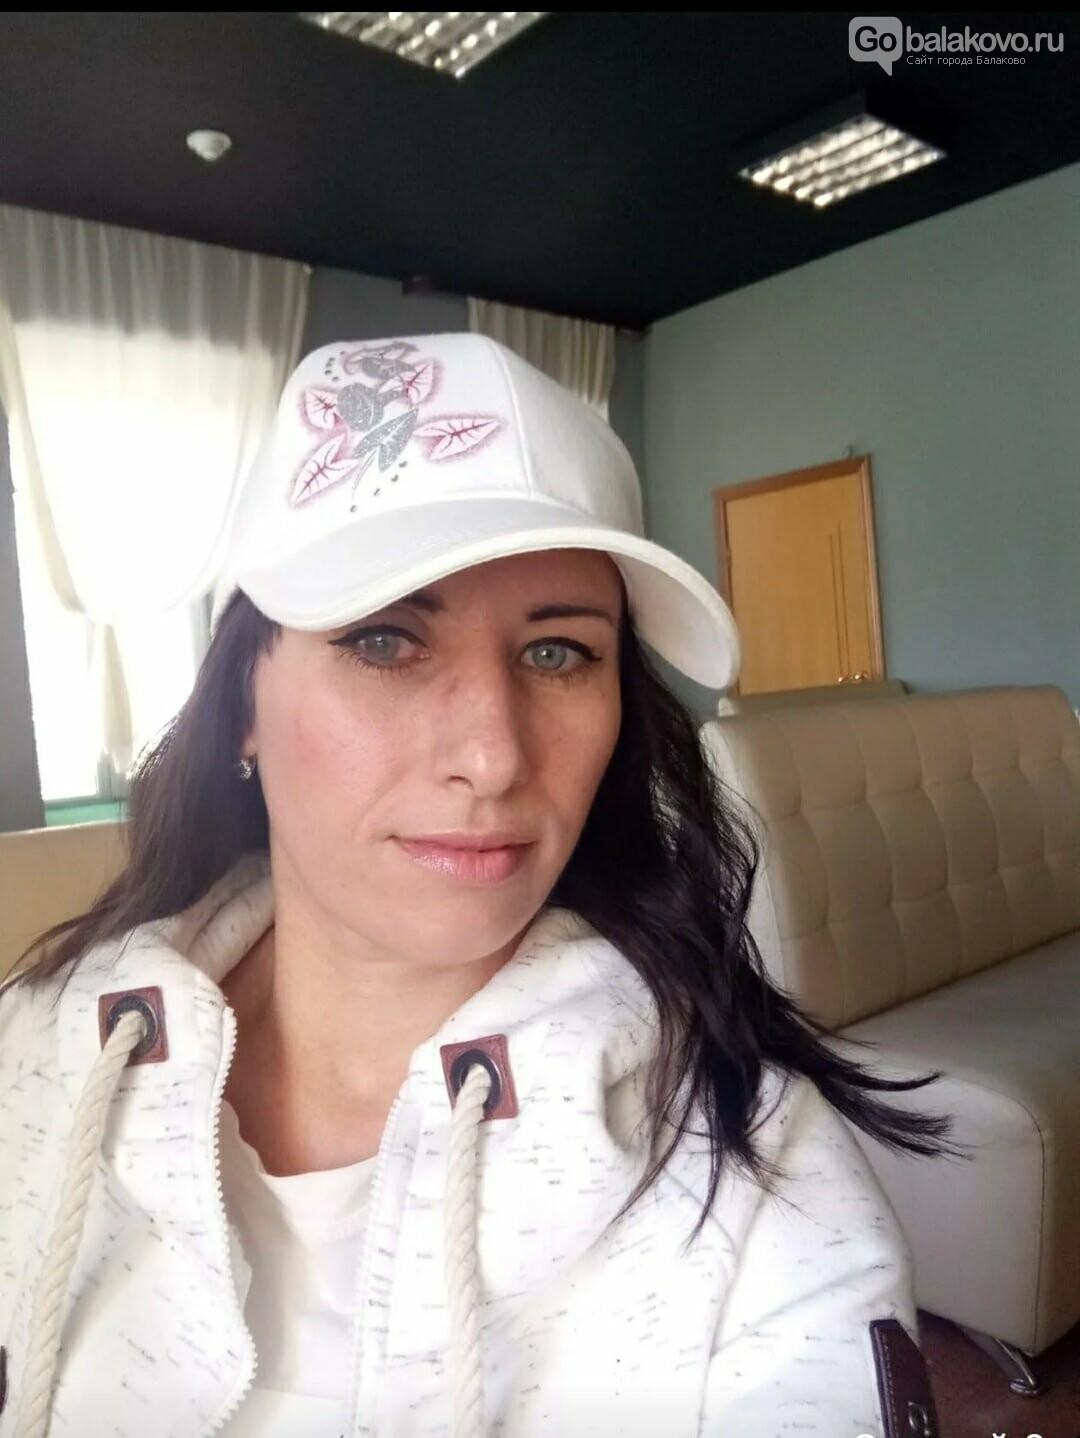 В Балаково разыскивают пропавшую больше десяти дней назад женщину, фото-1